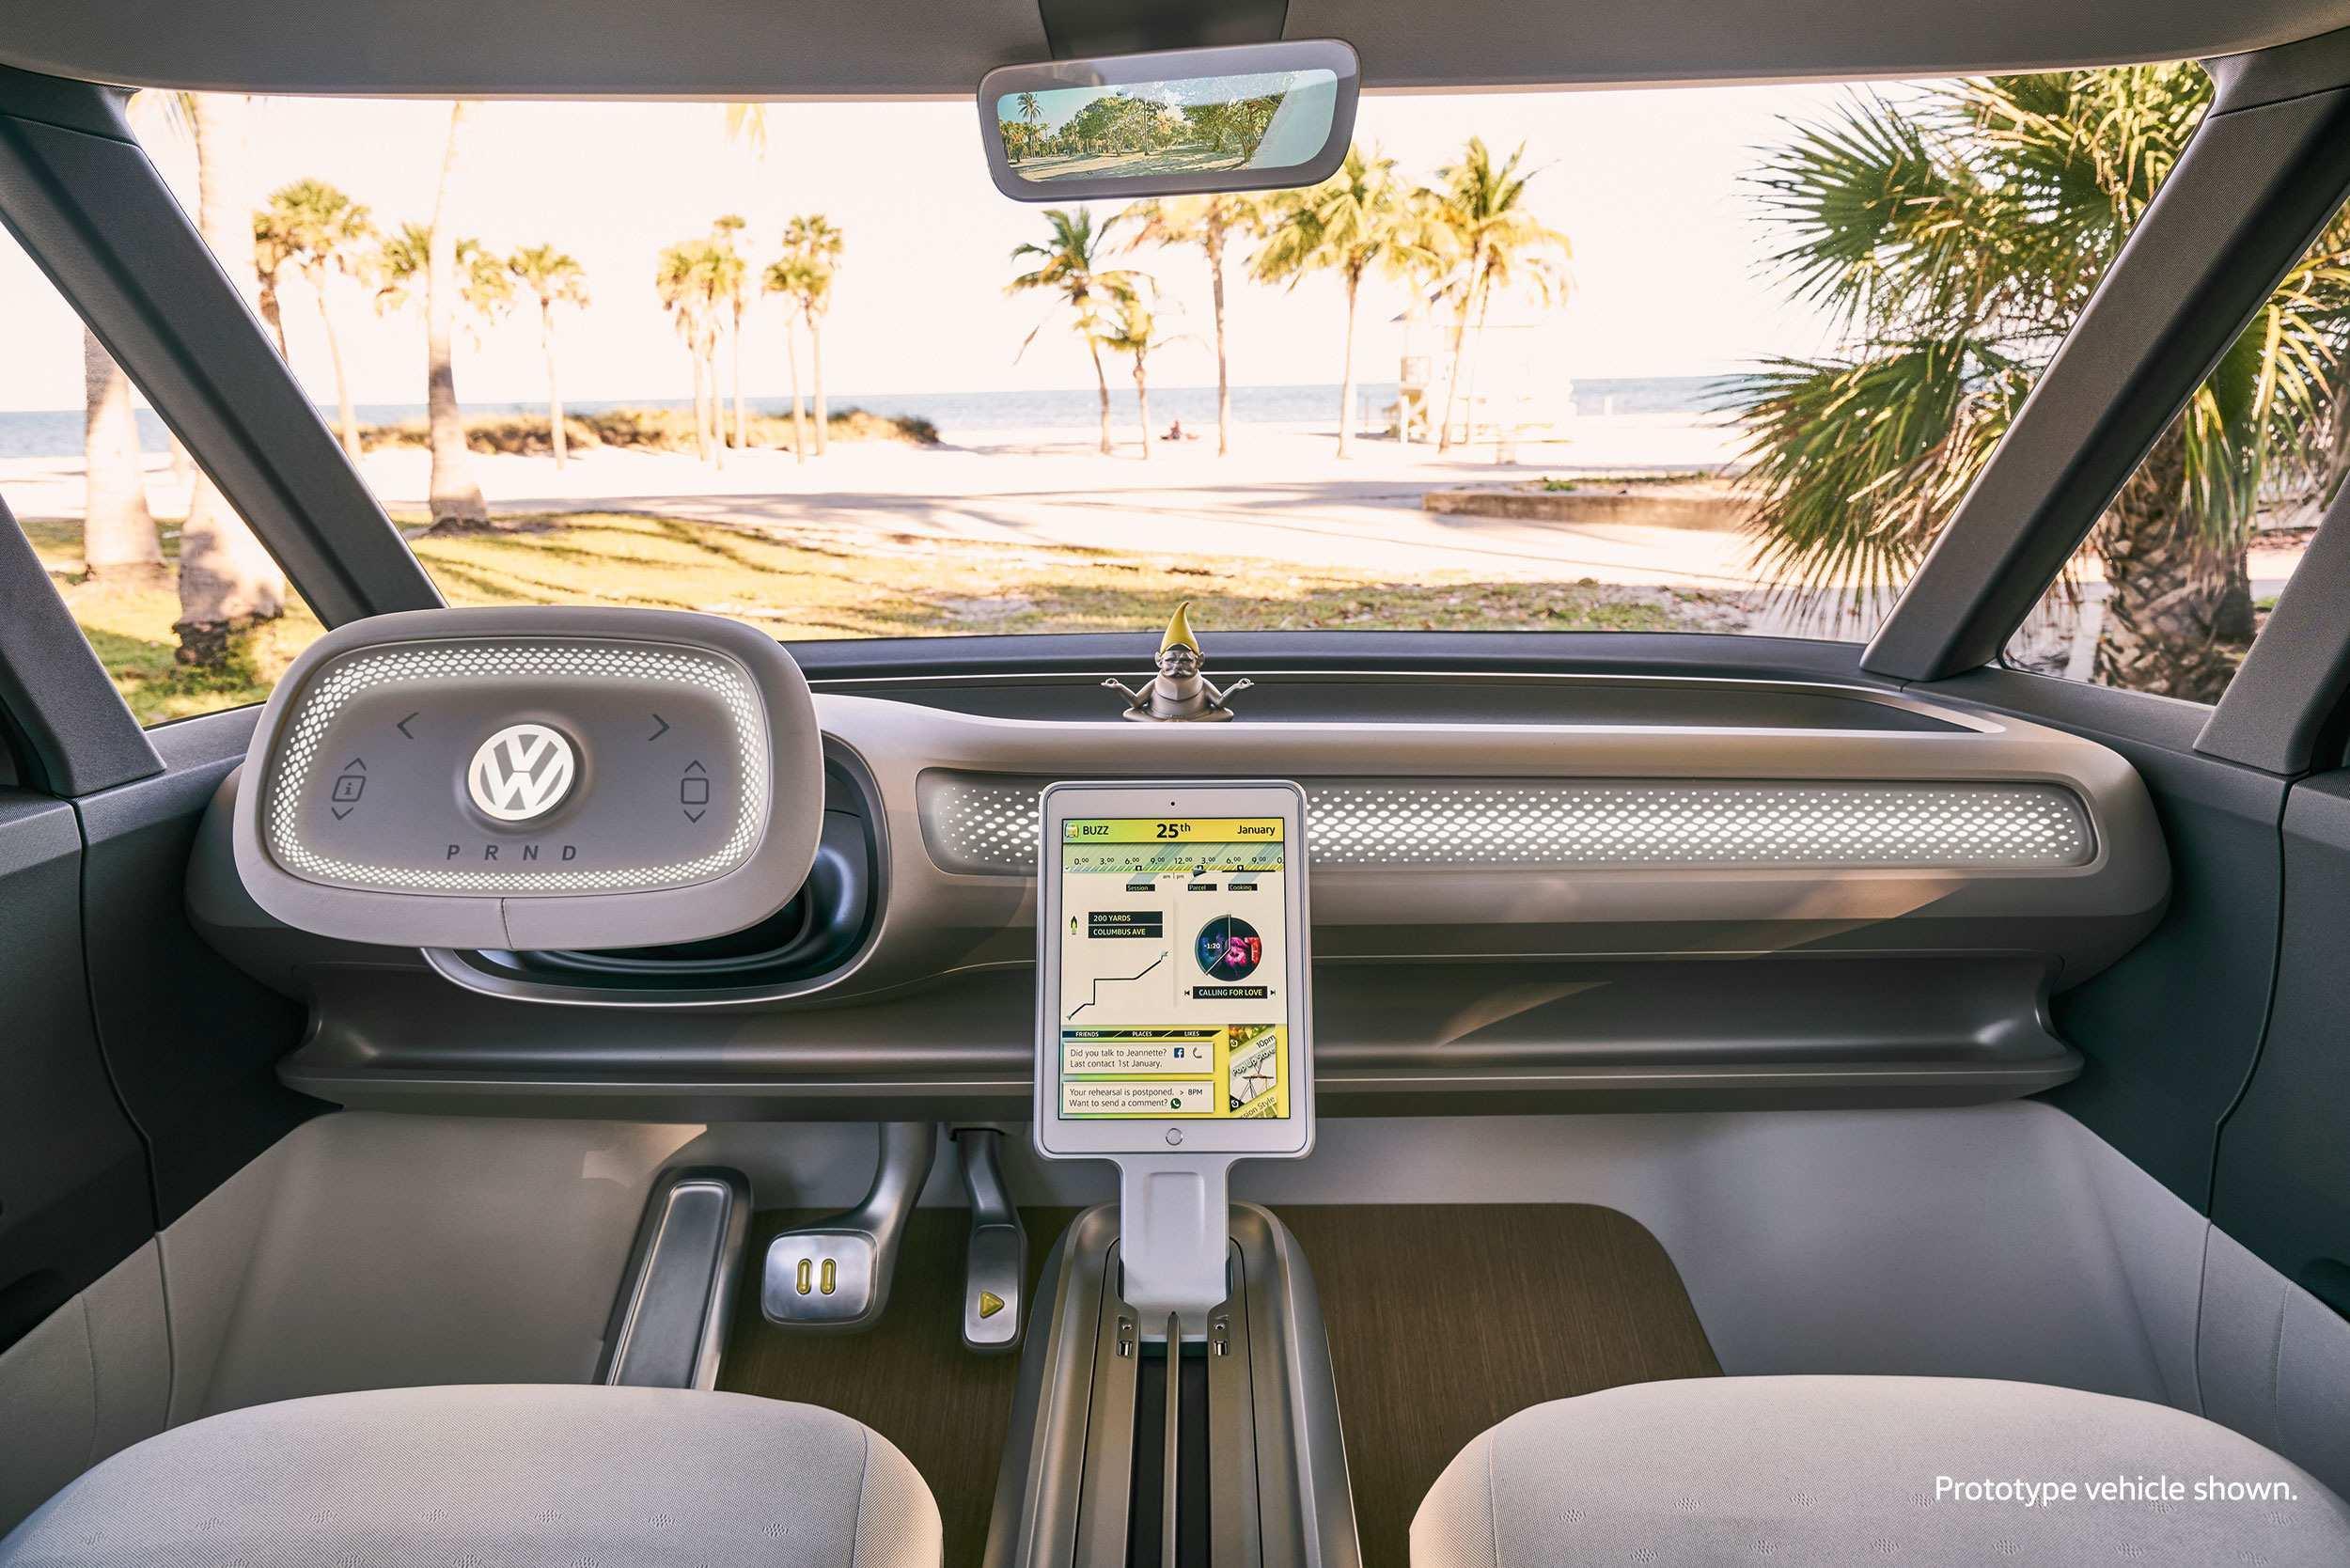 45 Best Review Volkswagen Minibus 2020 Pricing for Volkswagen Minibus 2020